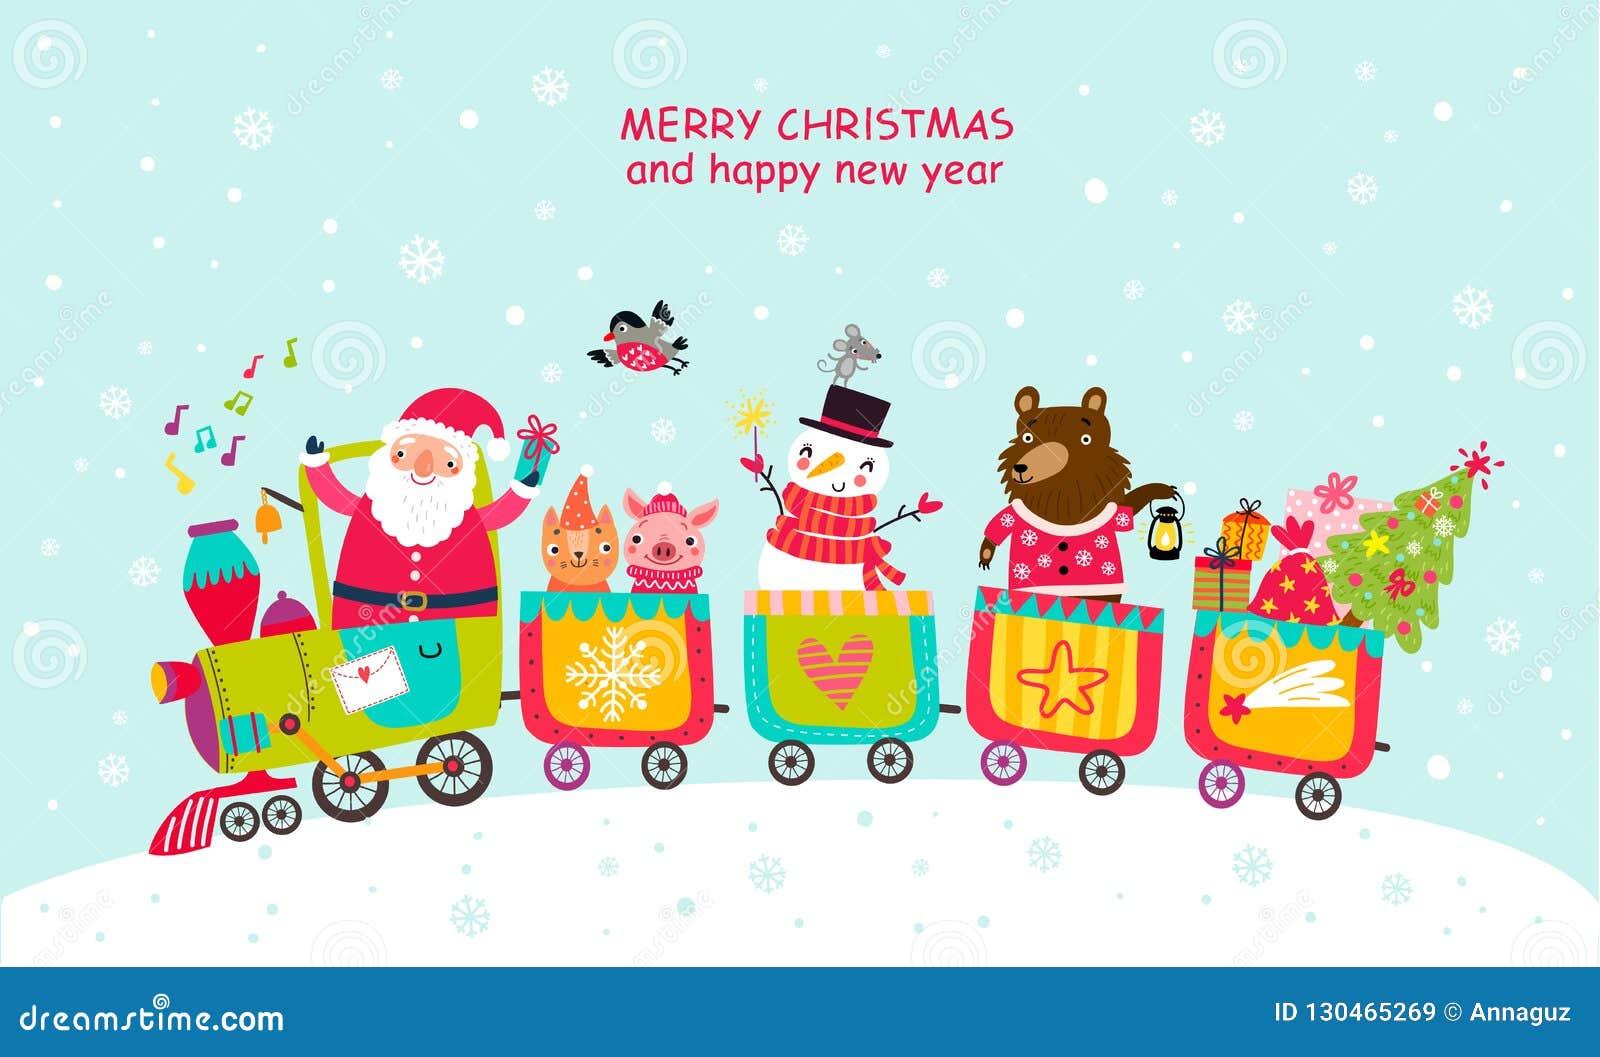 Κάρτα Χριστουγέννων με Santa και ζώα στο τραίνο χαρακτήρες χαριτωμένοι